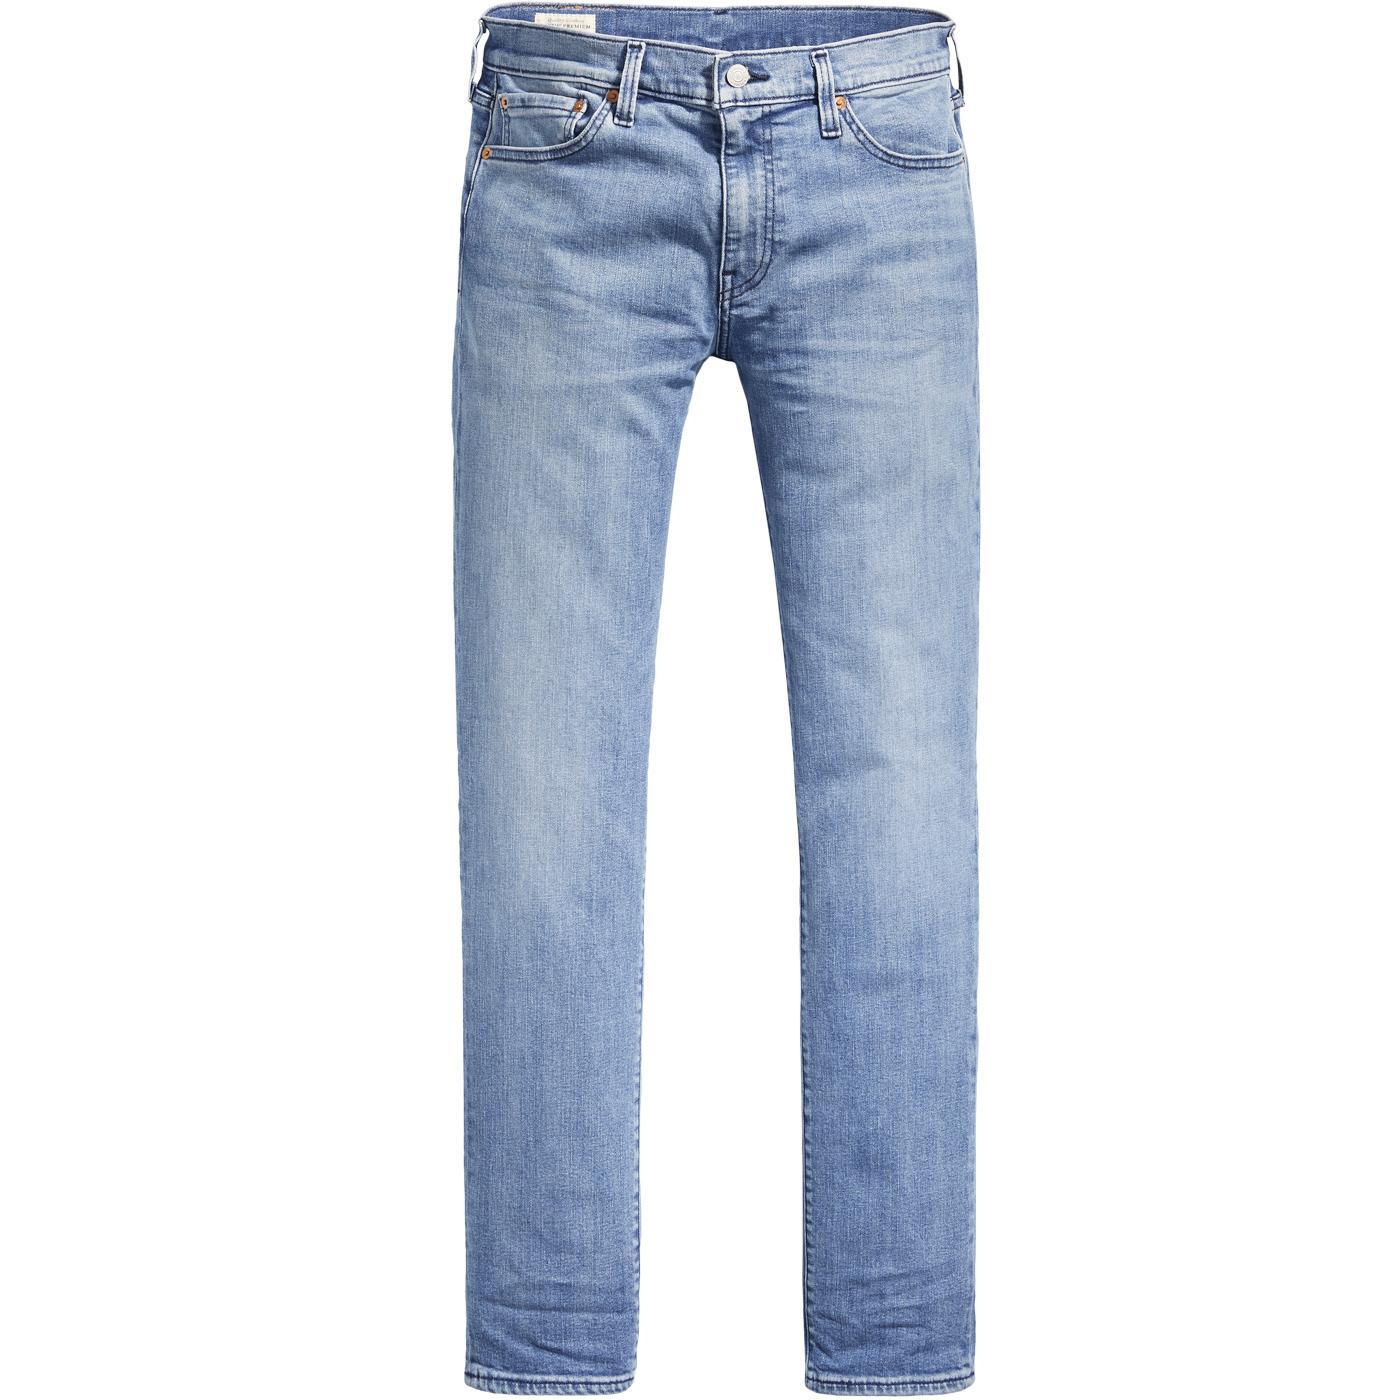 LEVI'S 511 Flex Men's Slim Jeans (East Lake Adv)